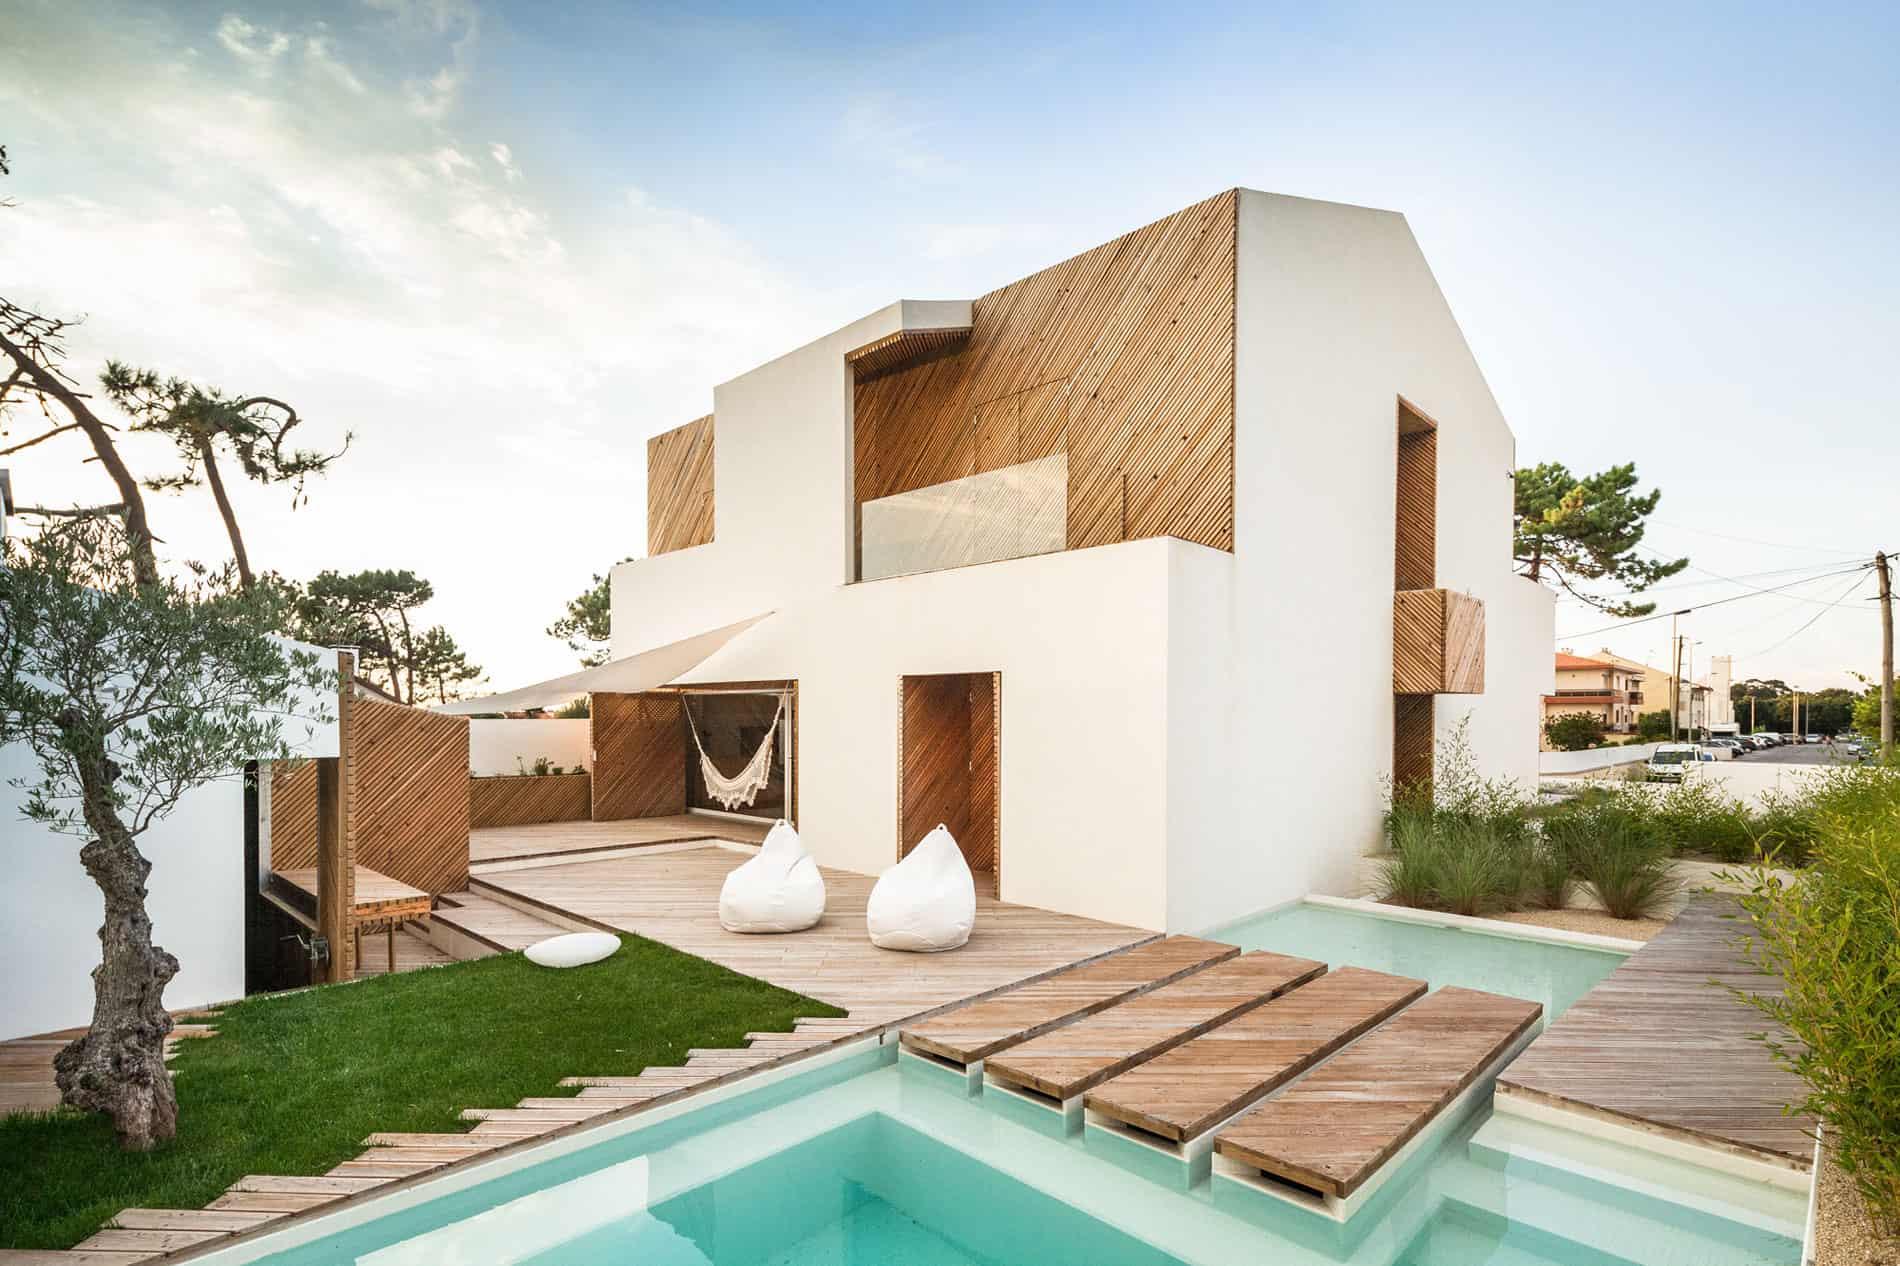 SilverWoodHouse by Ernesto Pereira